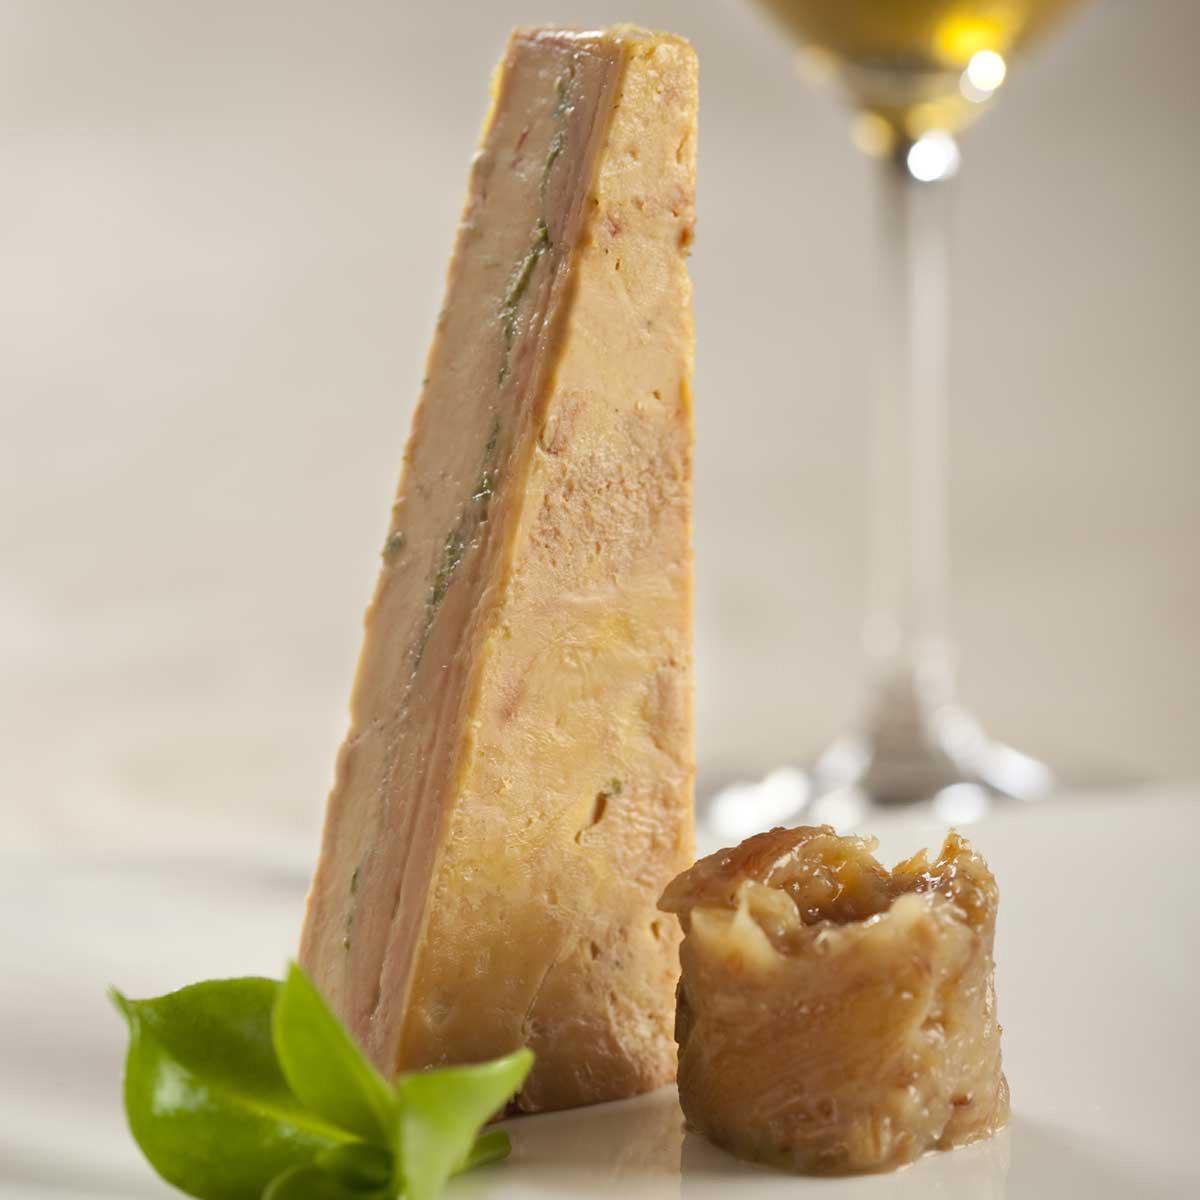 Recette foie gras au zeste de citron vert confit de dattes cuisine madame figaro - Recette du foie gras ...